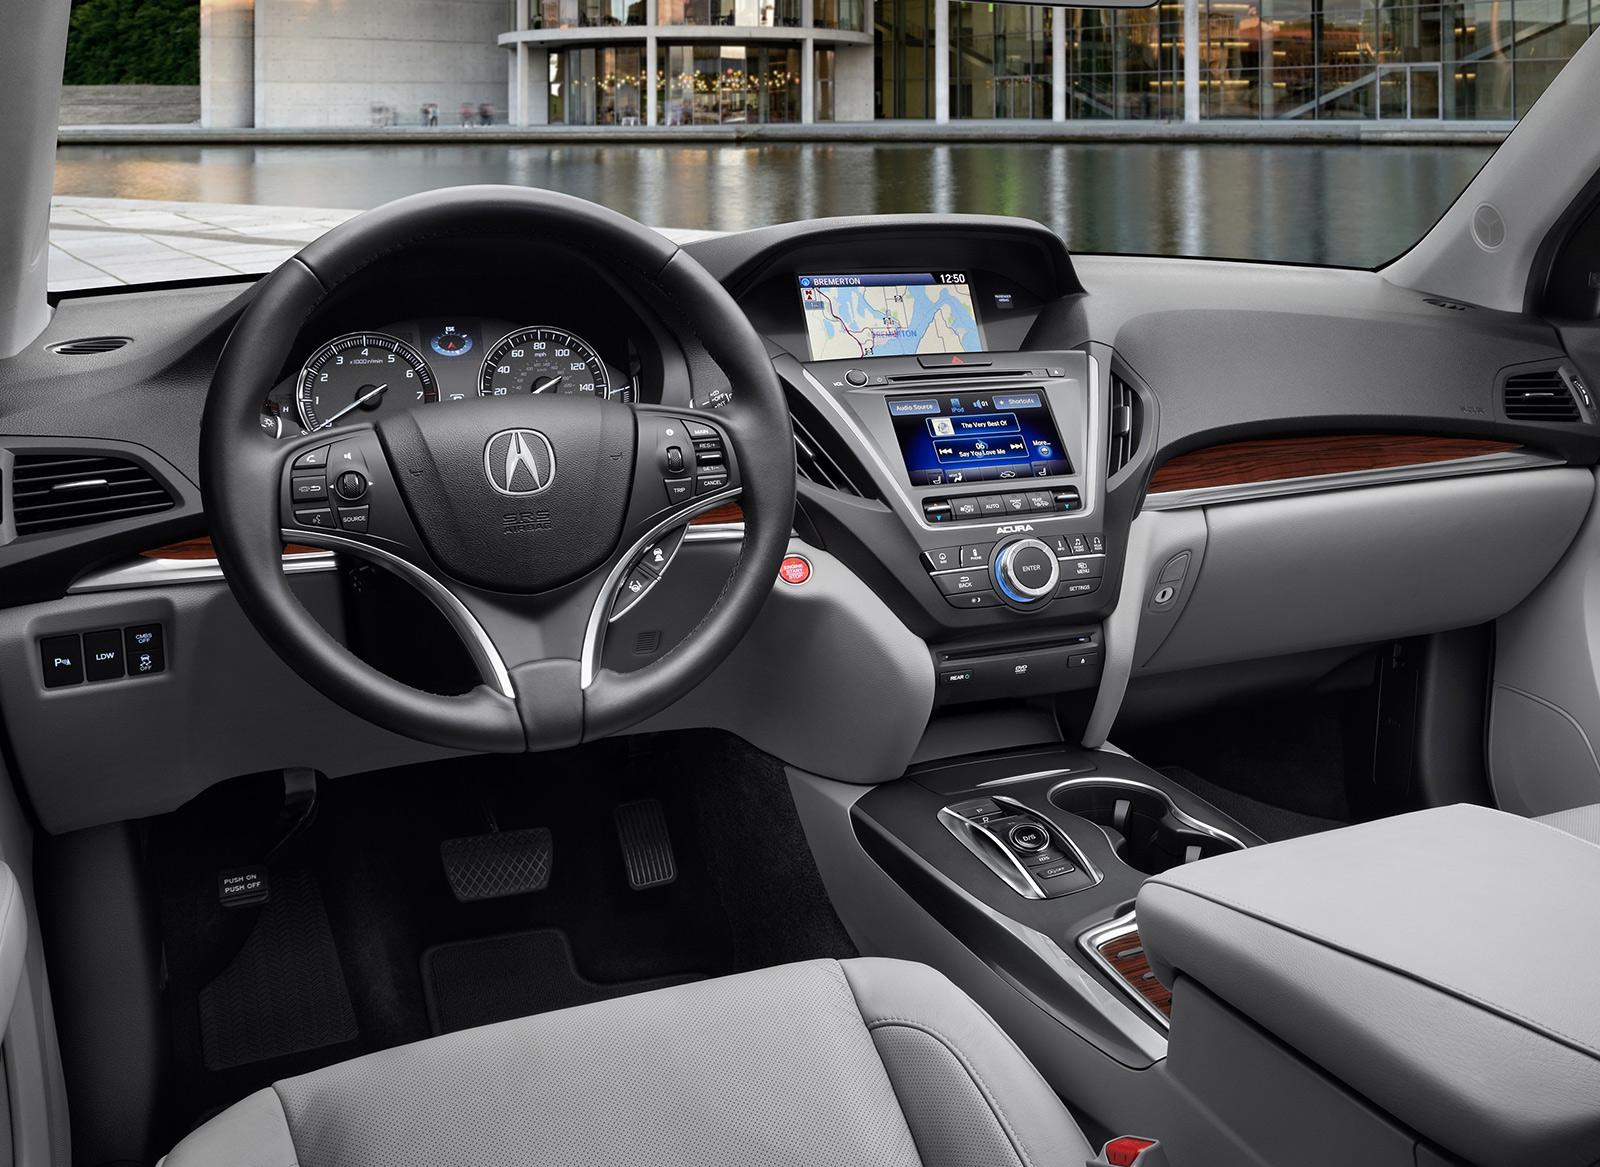 2015 Acura Tlx Tech >> Acura MDX: 2016 vs. 2015 - Consumer Reports